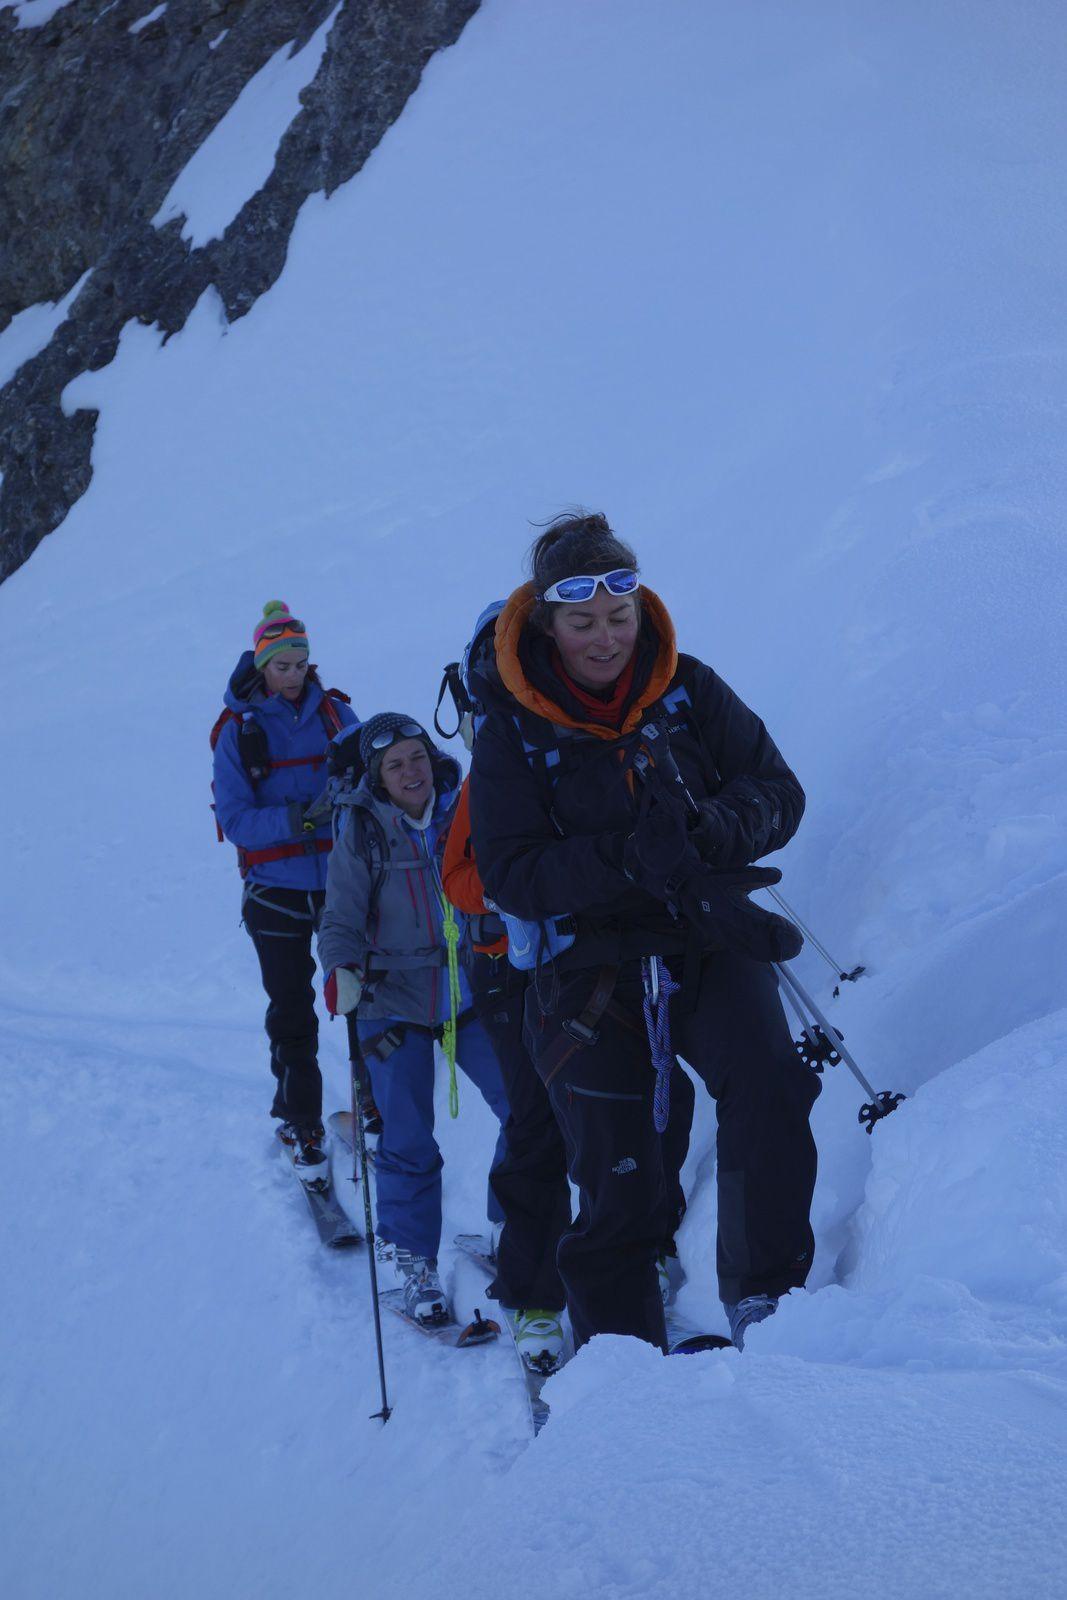 raid à ski dans les Wildstrubels avec Gérôme Guala Guide de Haute Montagne à Chamonix Mont Blanc http://www.geromegualaguidechamonix.com